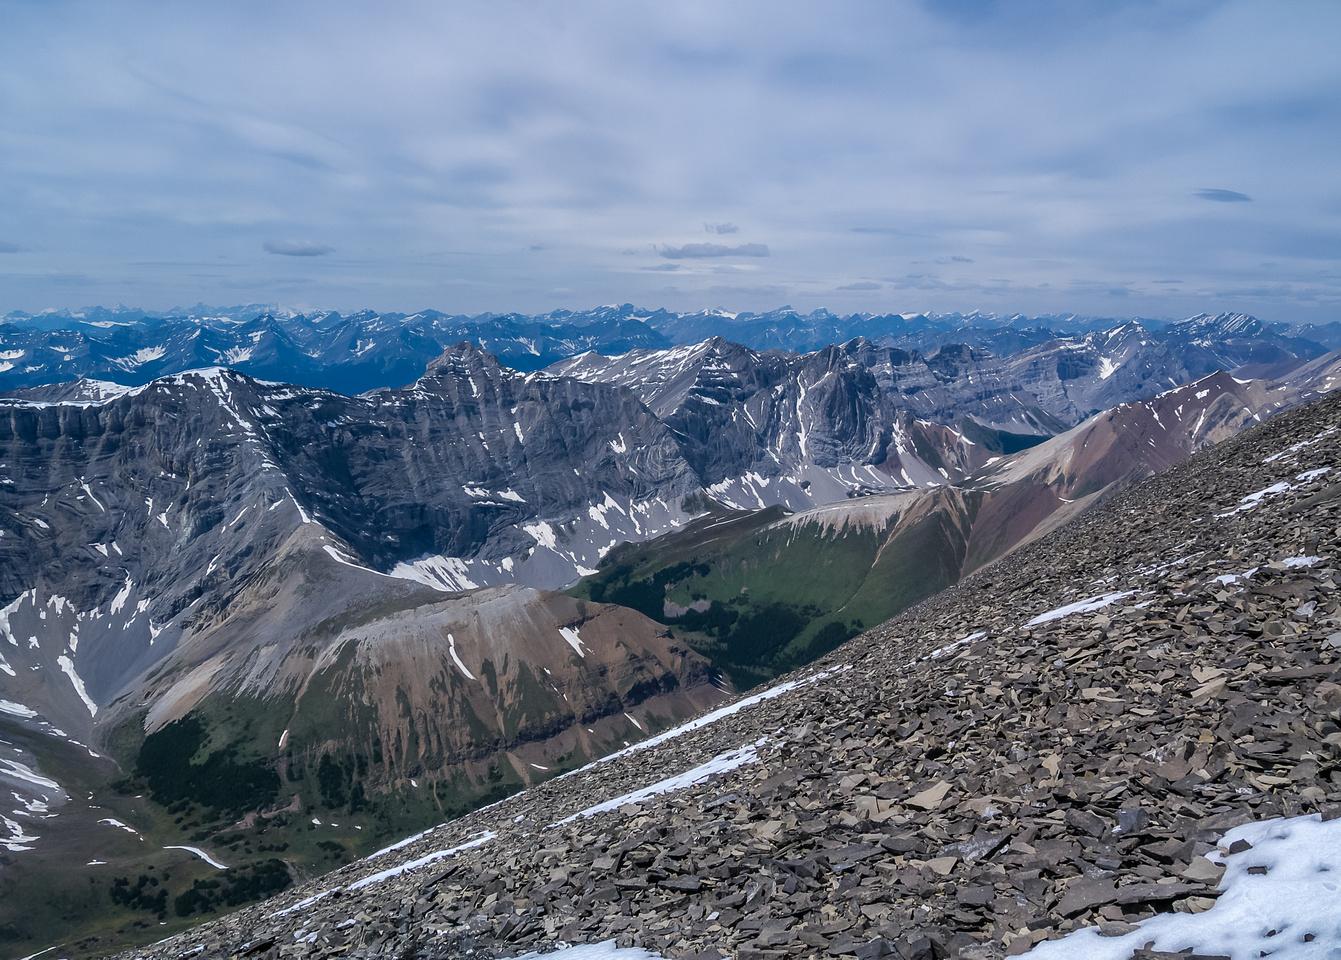 Looking towards Spectral Peak.